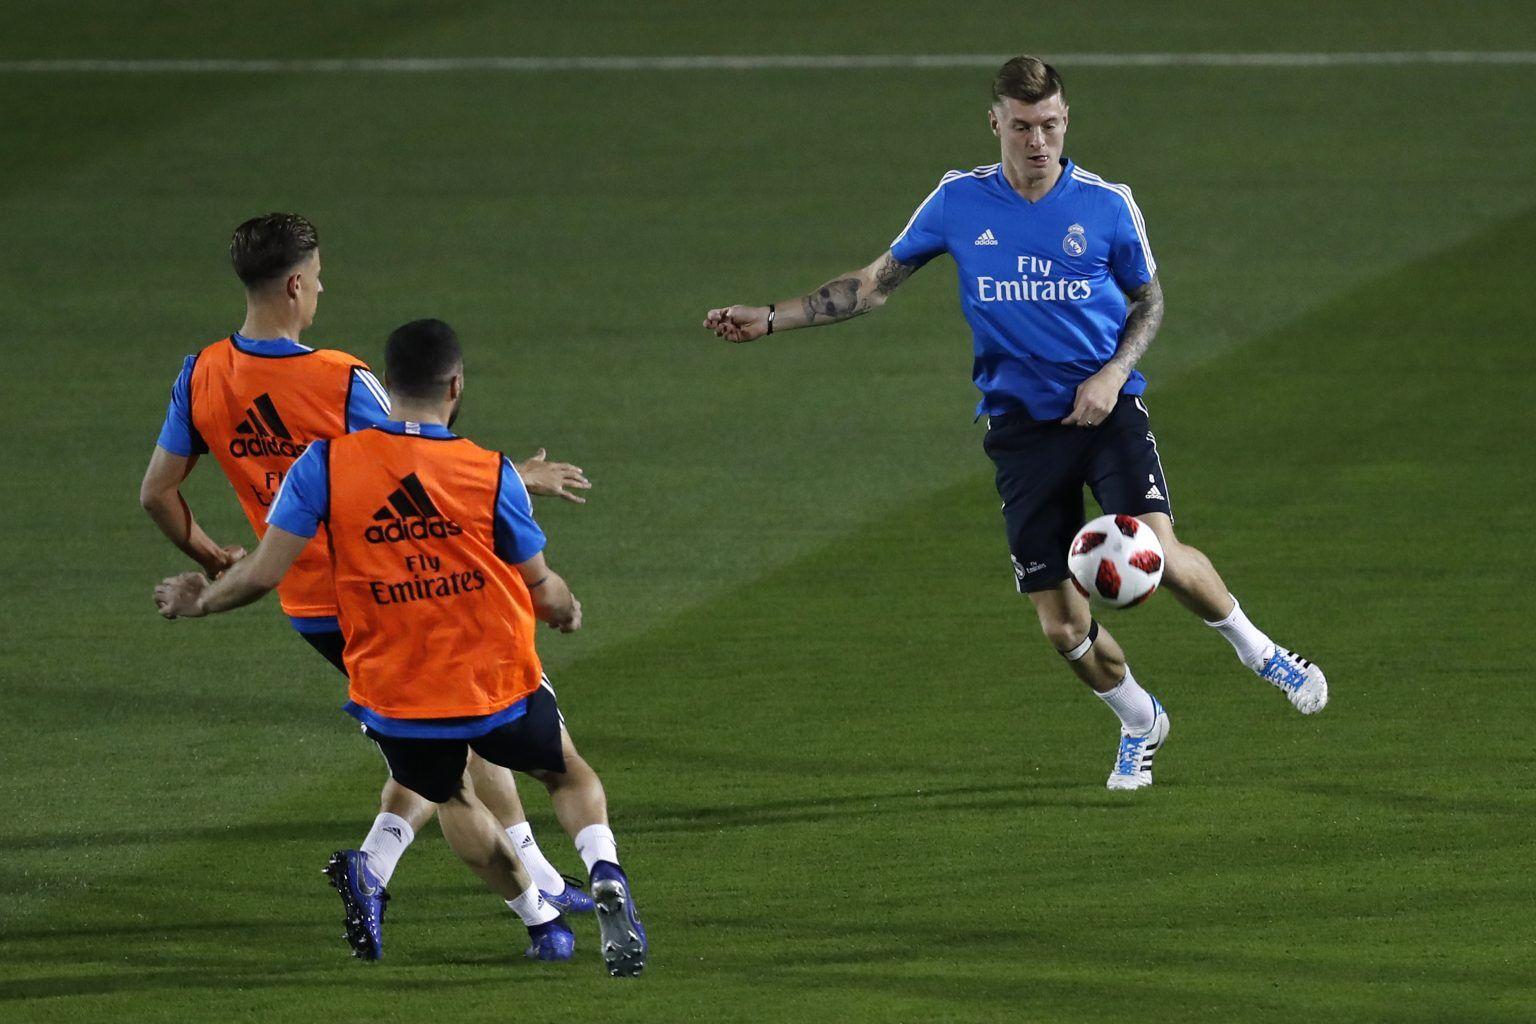 Real Madrid's midfielder Toni Kroos